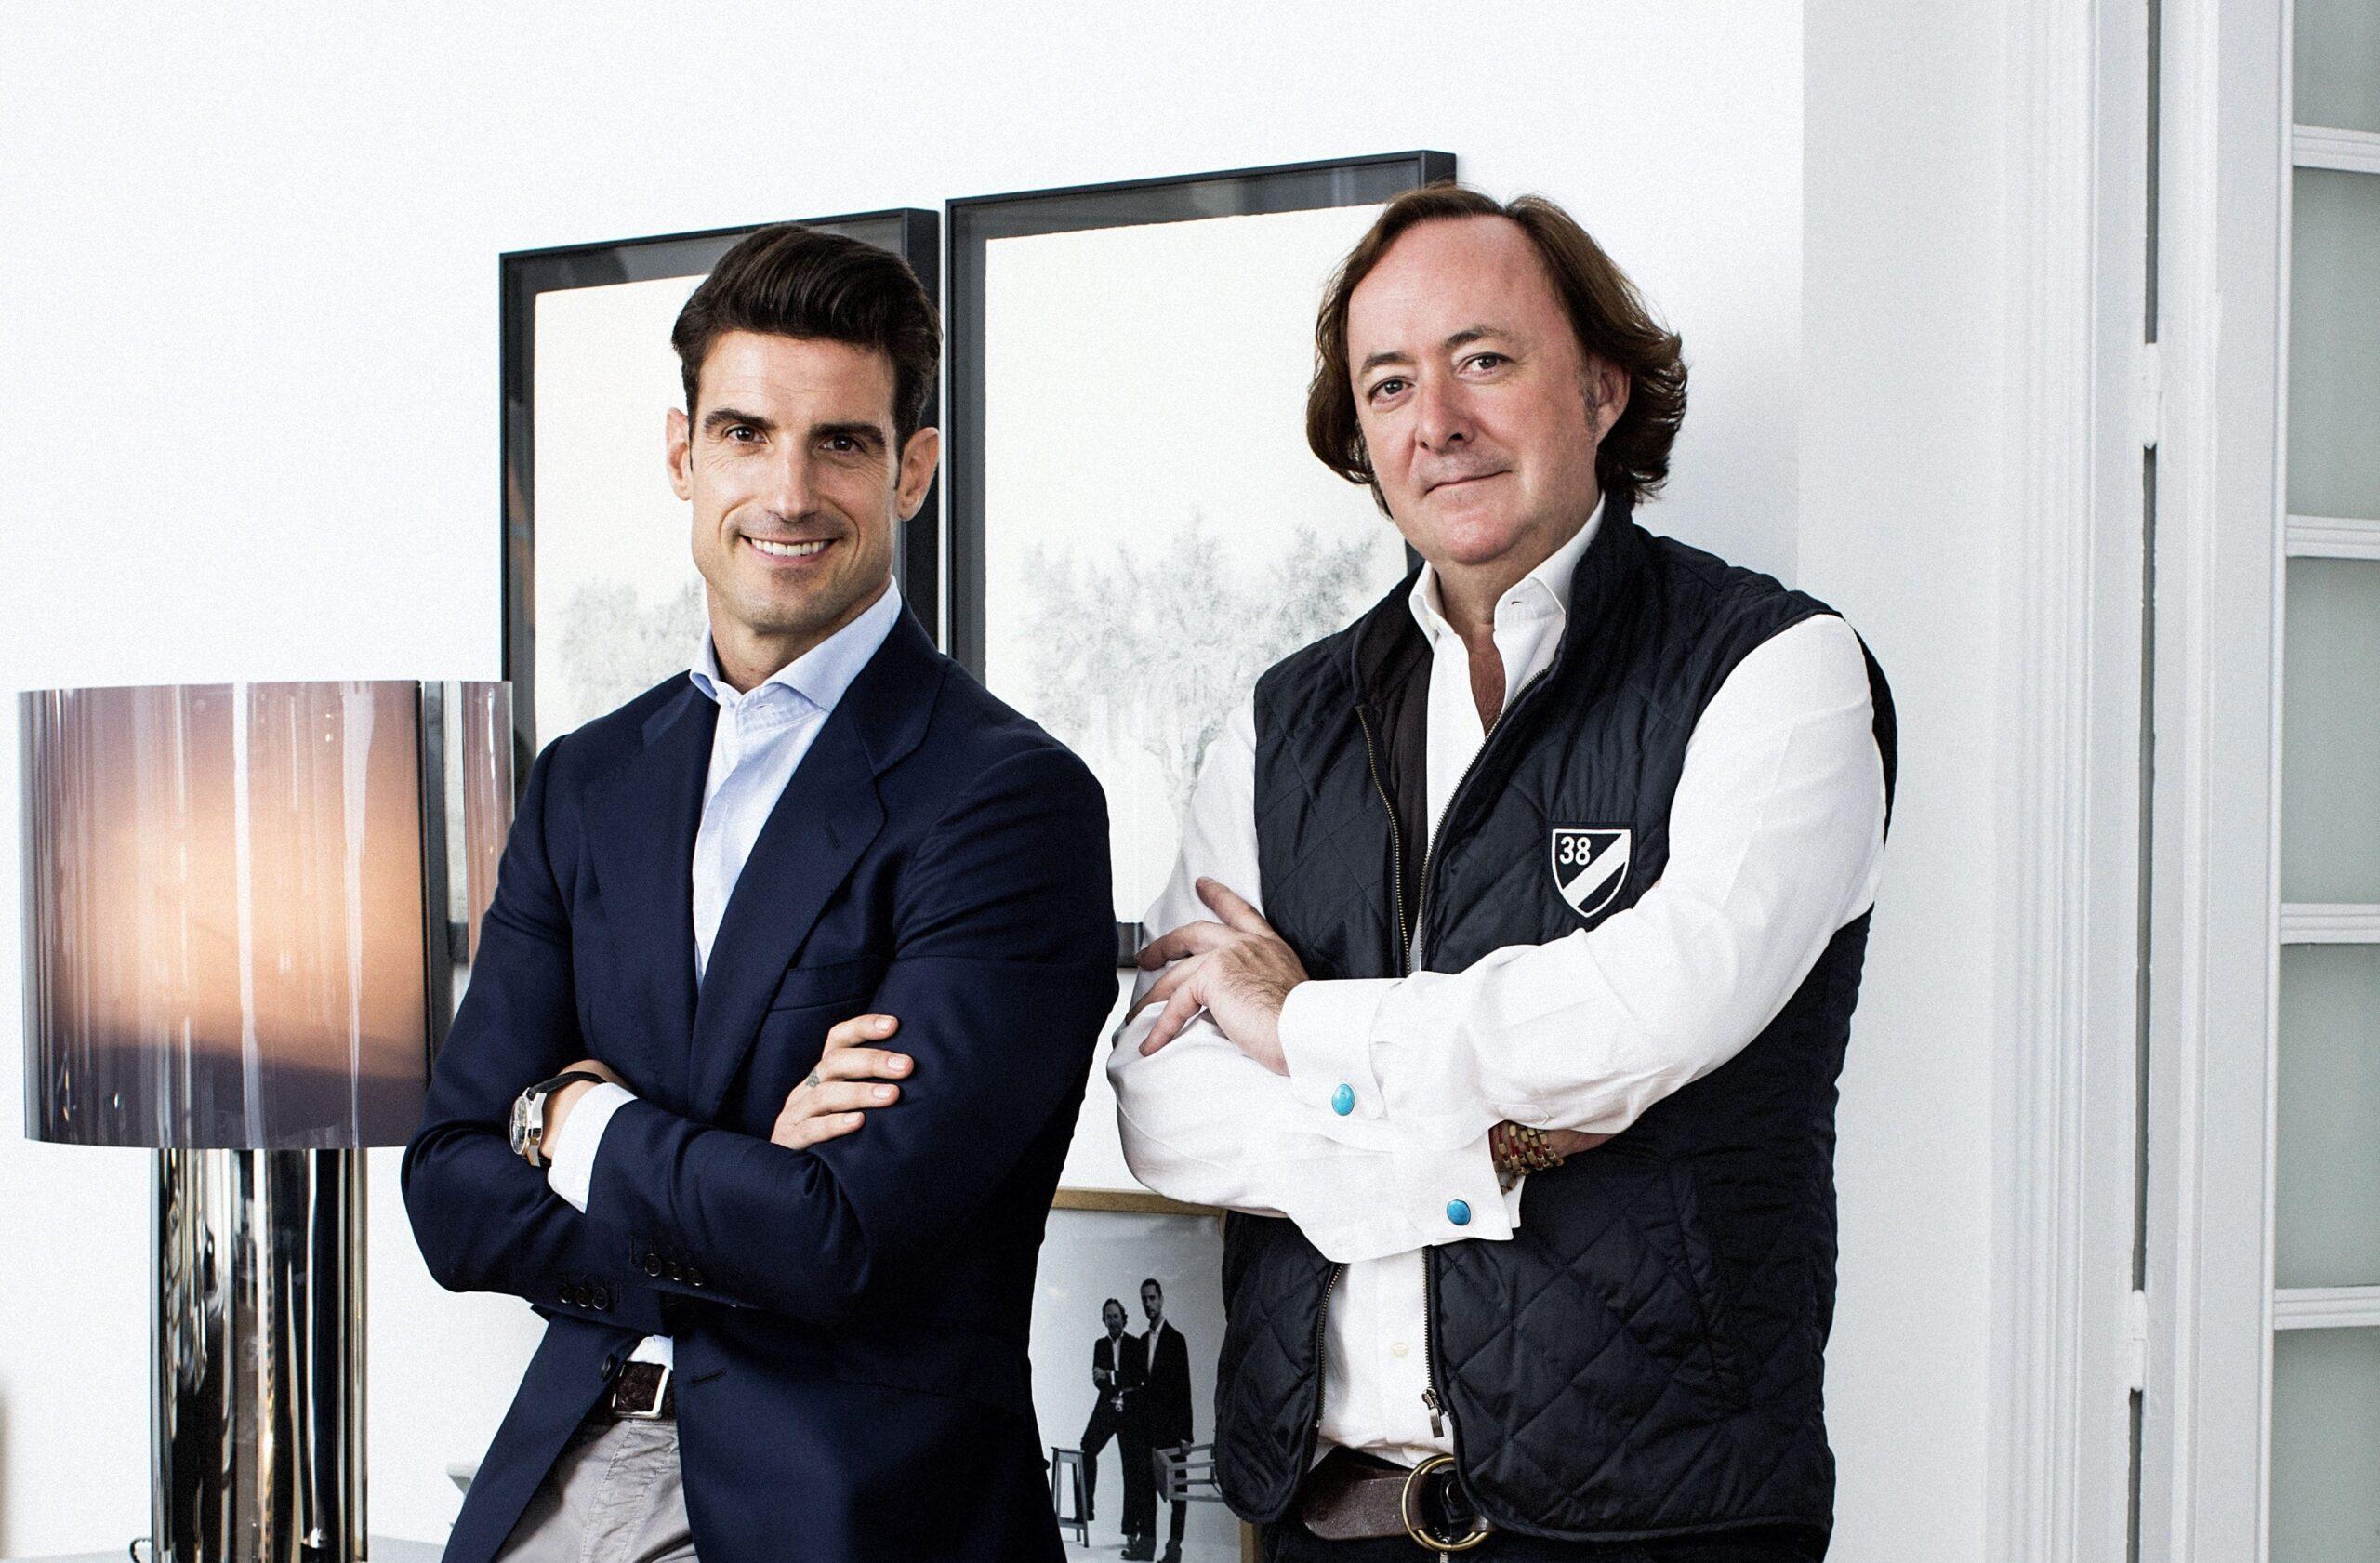 Aitor Ocio y el interiorista Tomás Alia unidos en un nuevo proyecto